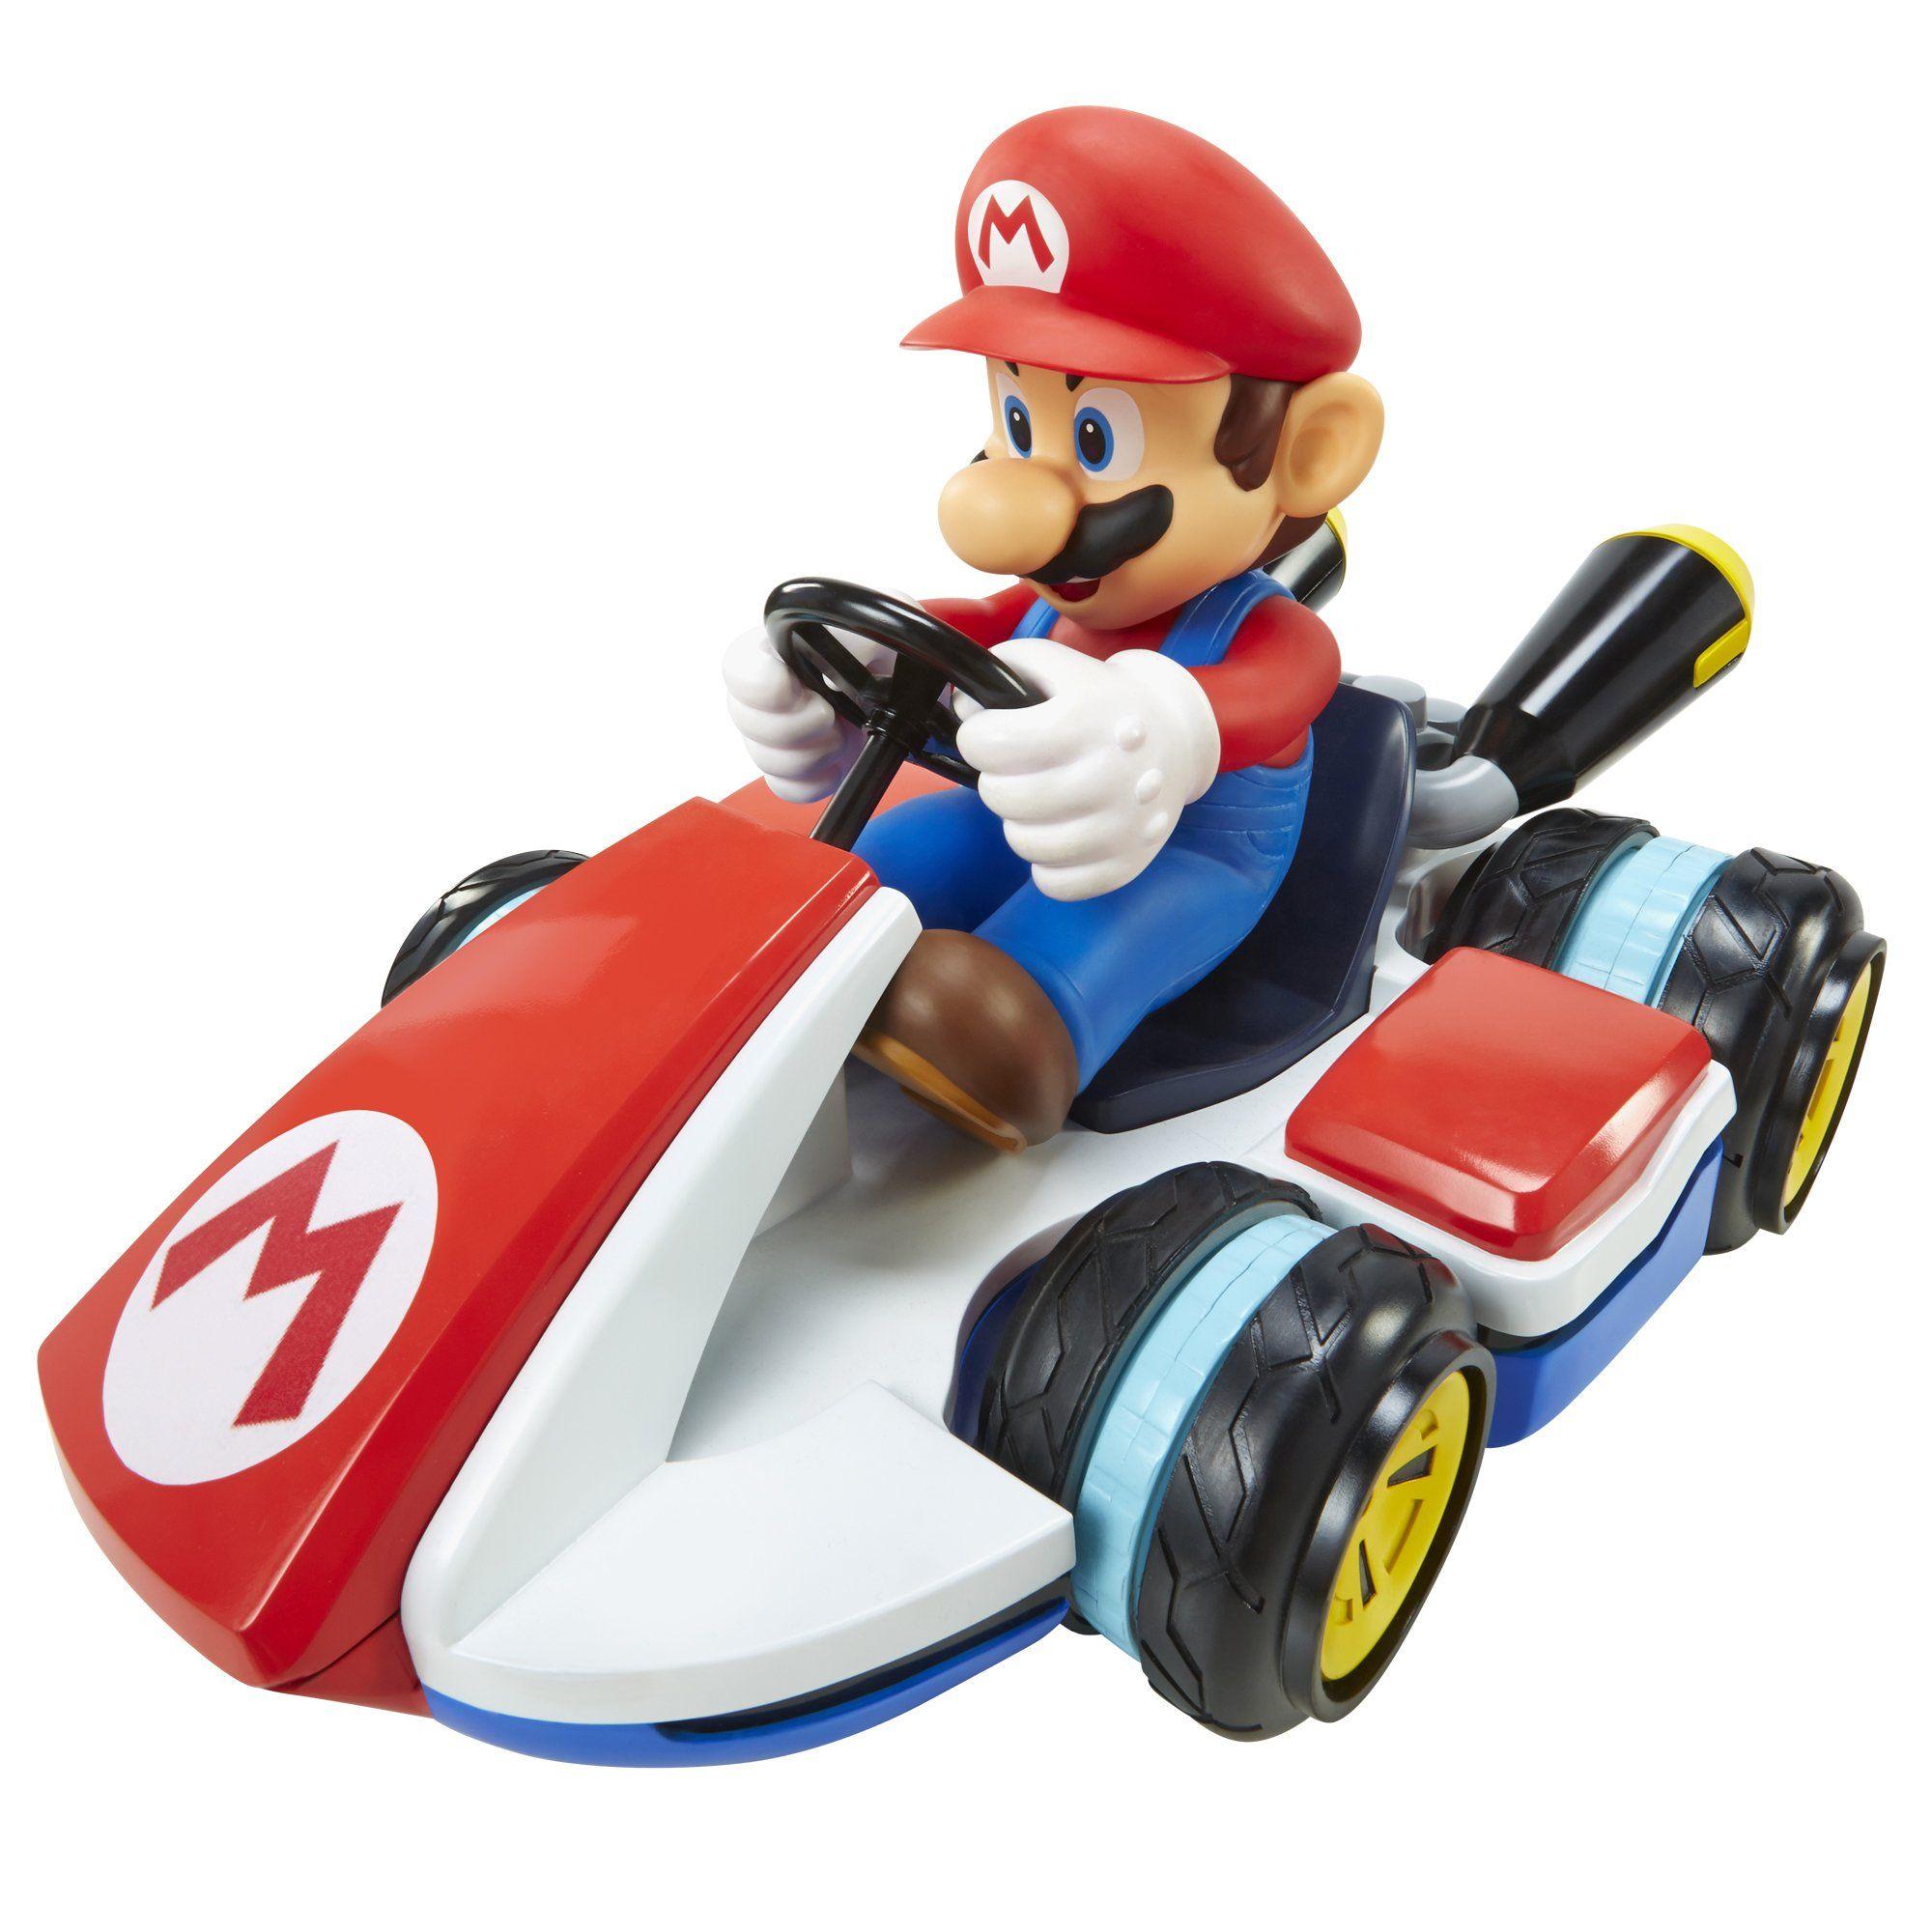 Robot Check Mario Kart Mini Mario Mario